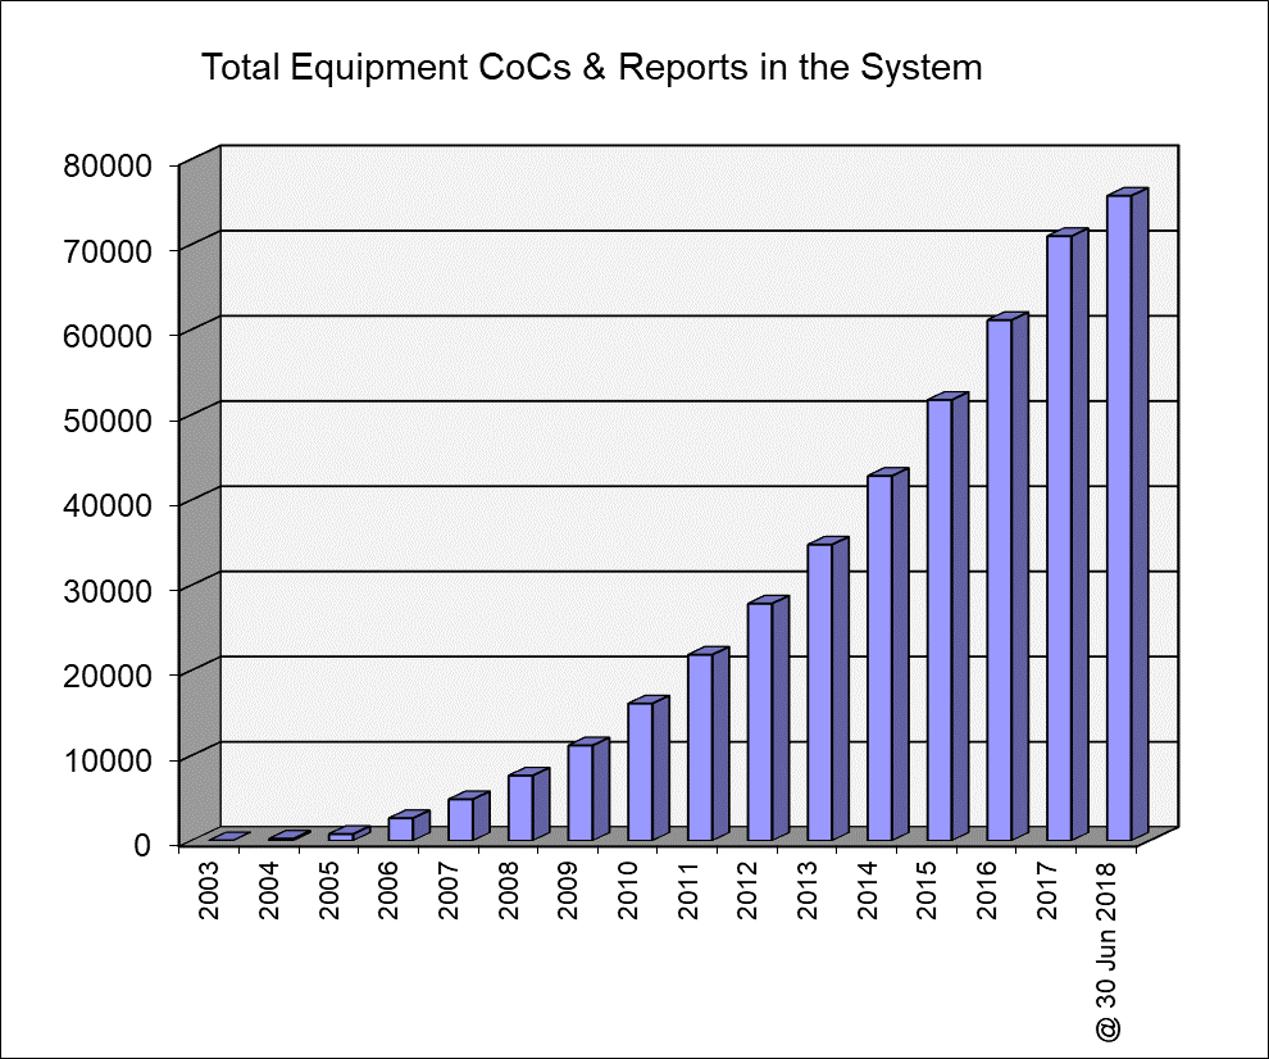 IECEx: Evolução do total de Certificados de Conformidade e Relatórios de Ensaios emitidos (06/2018)